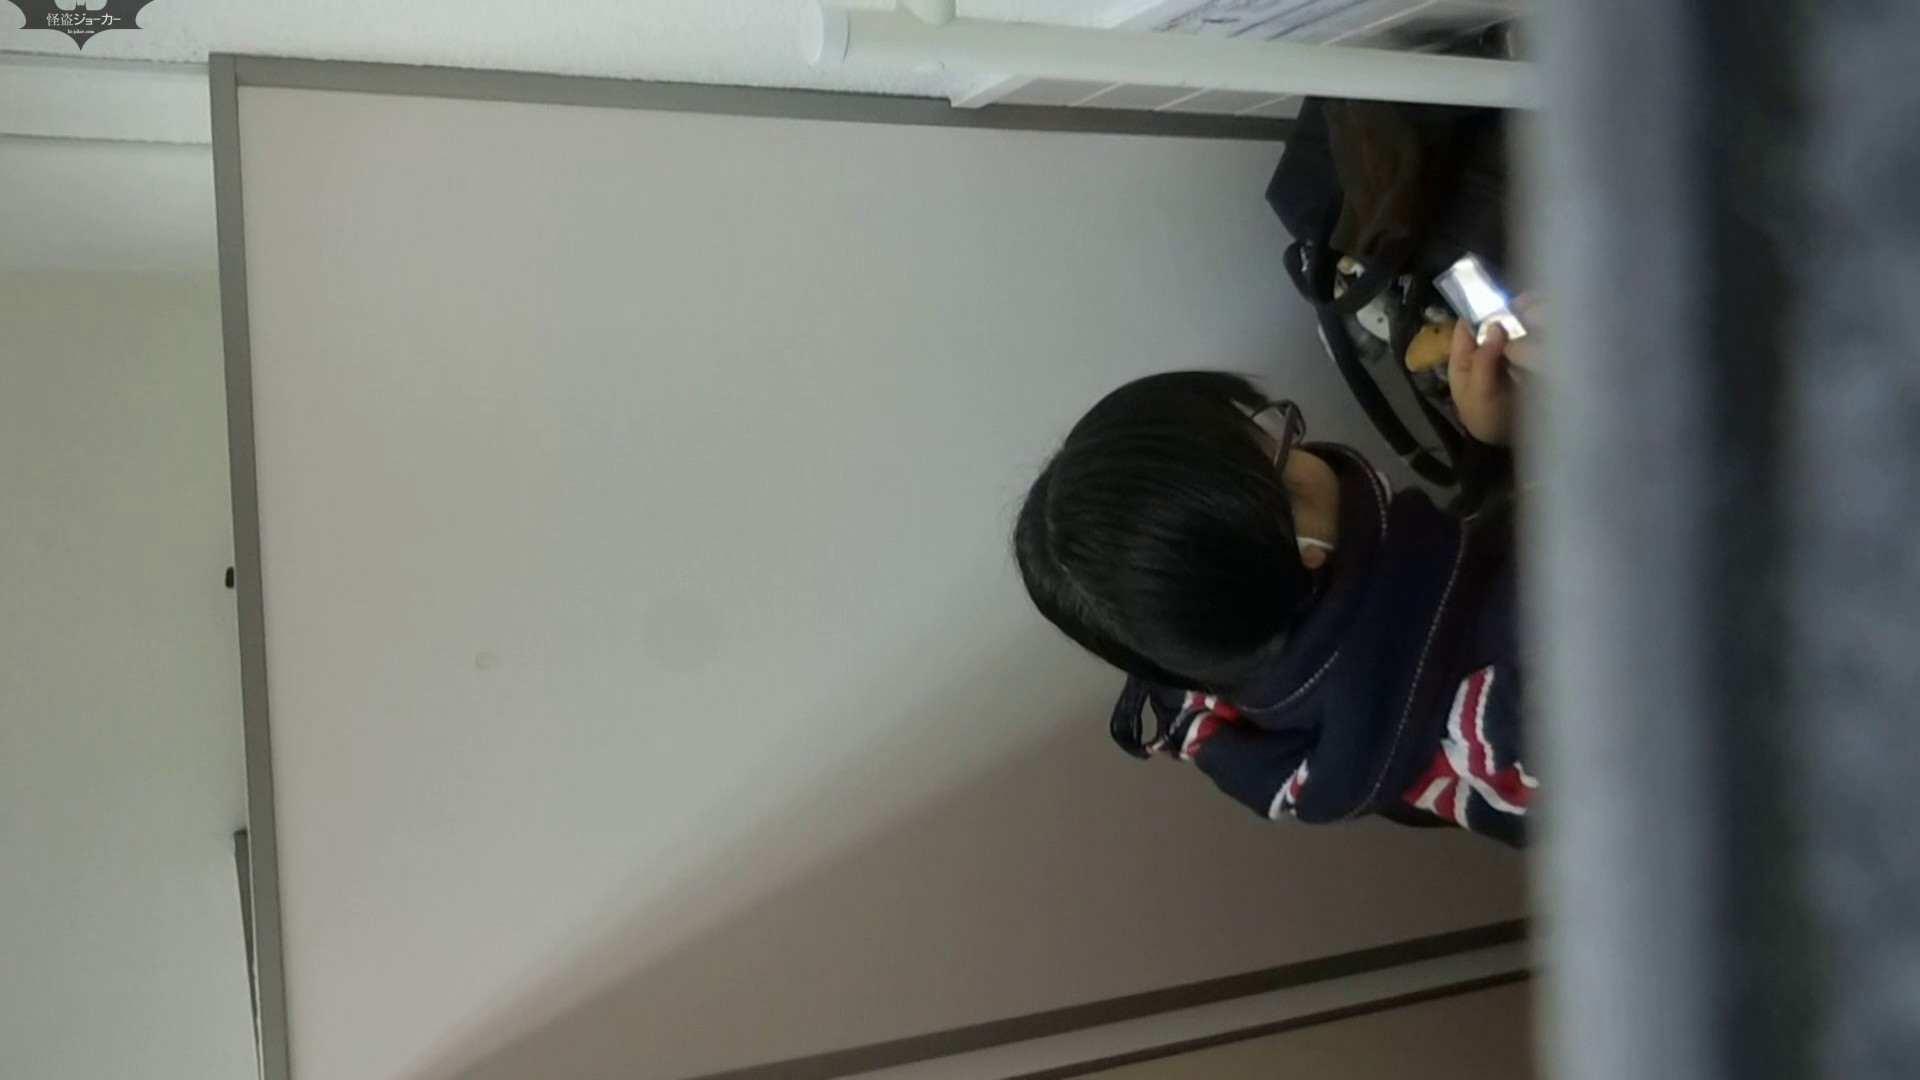 化粧室絵巻 駅舎編 VOL.28 盗撮  87pic 13